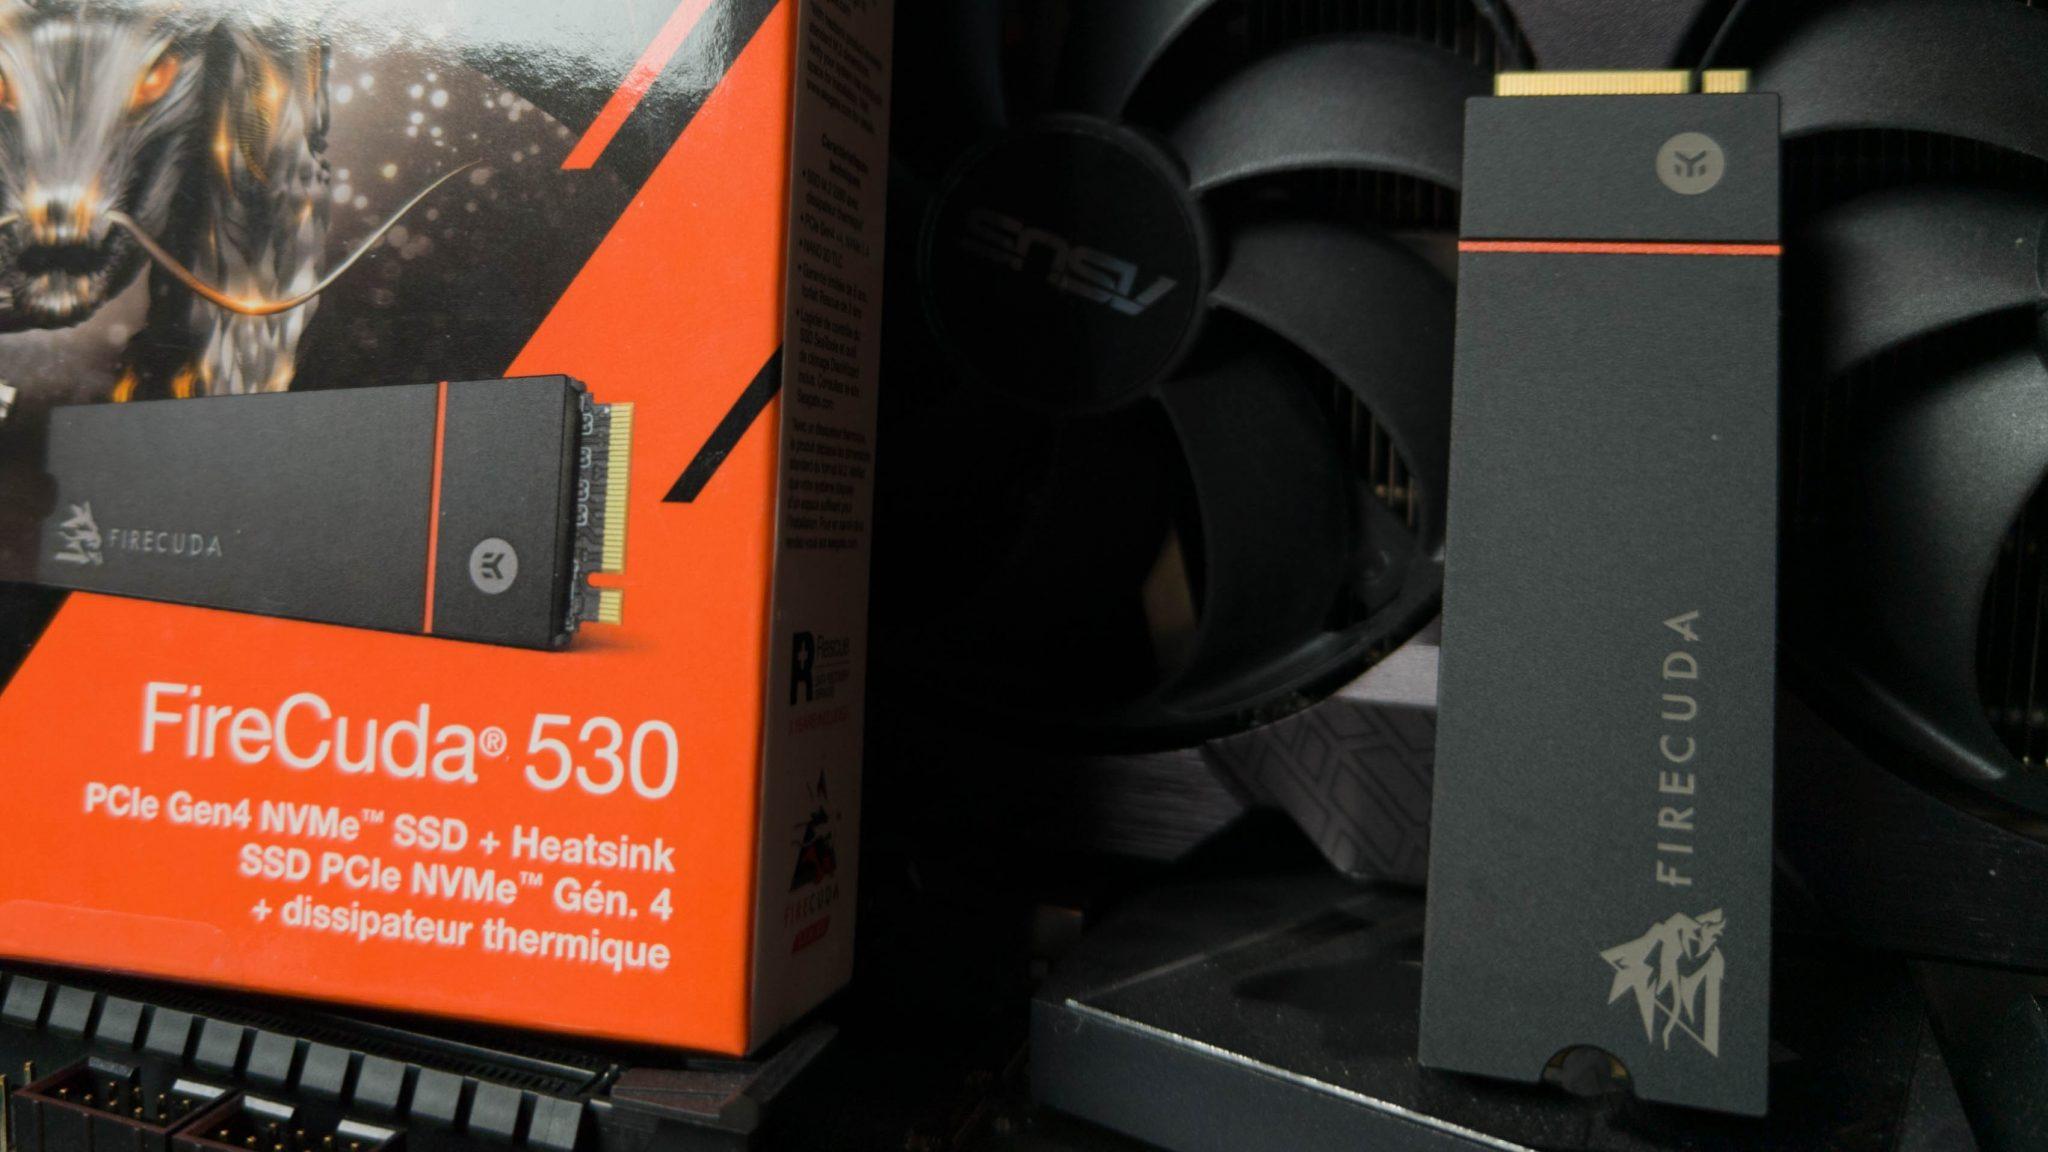 Seagate FireCuda 530 SSD – Nicht nur eine weitere PCIe 4.0 SSD